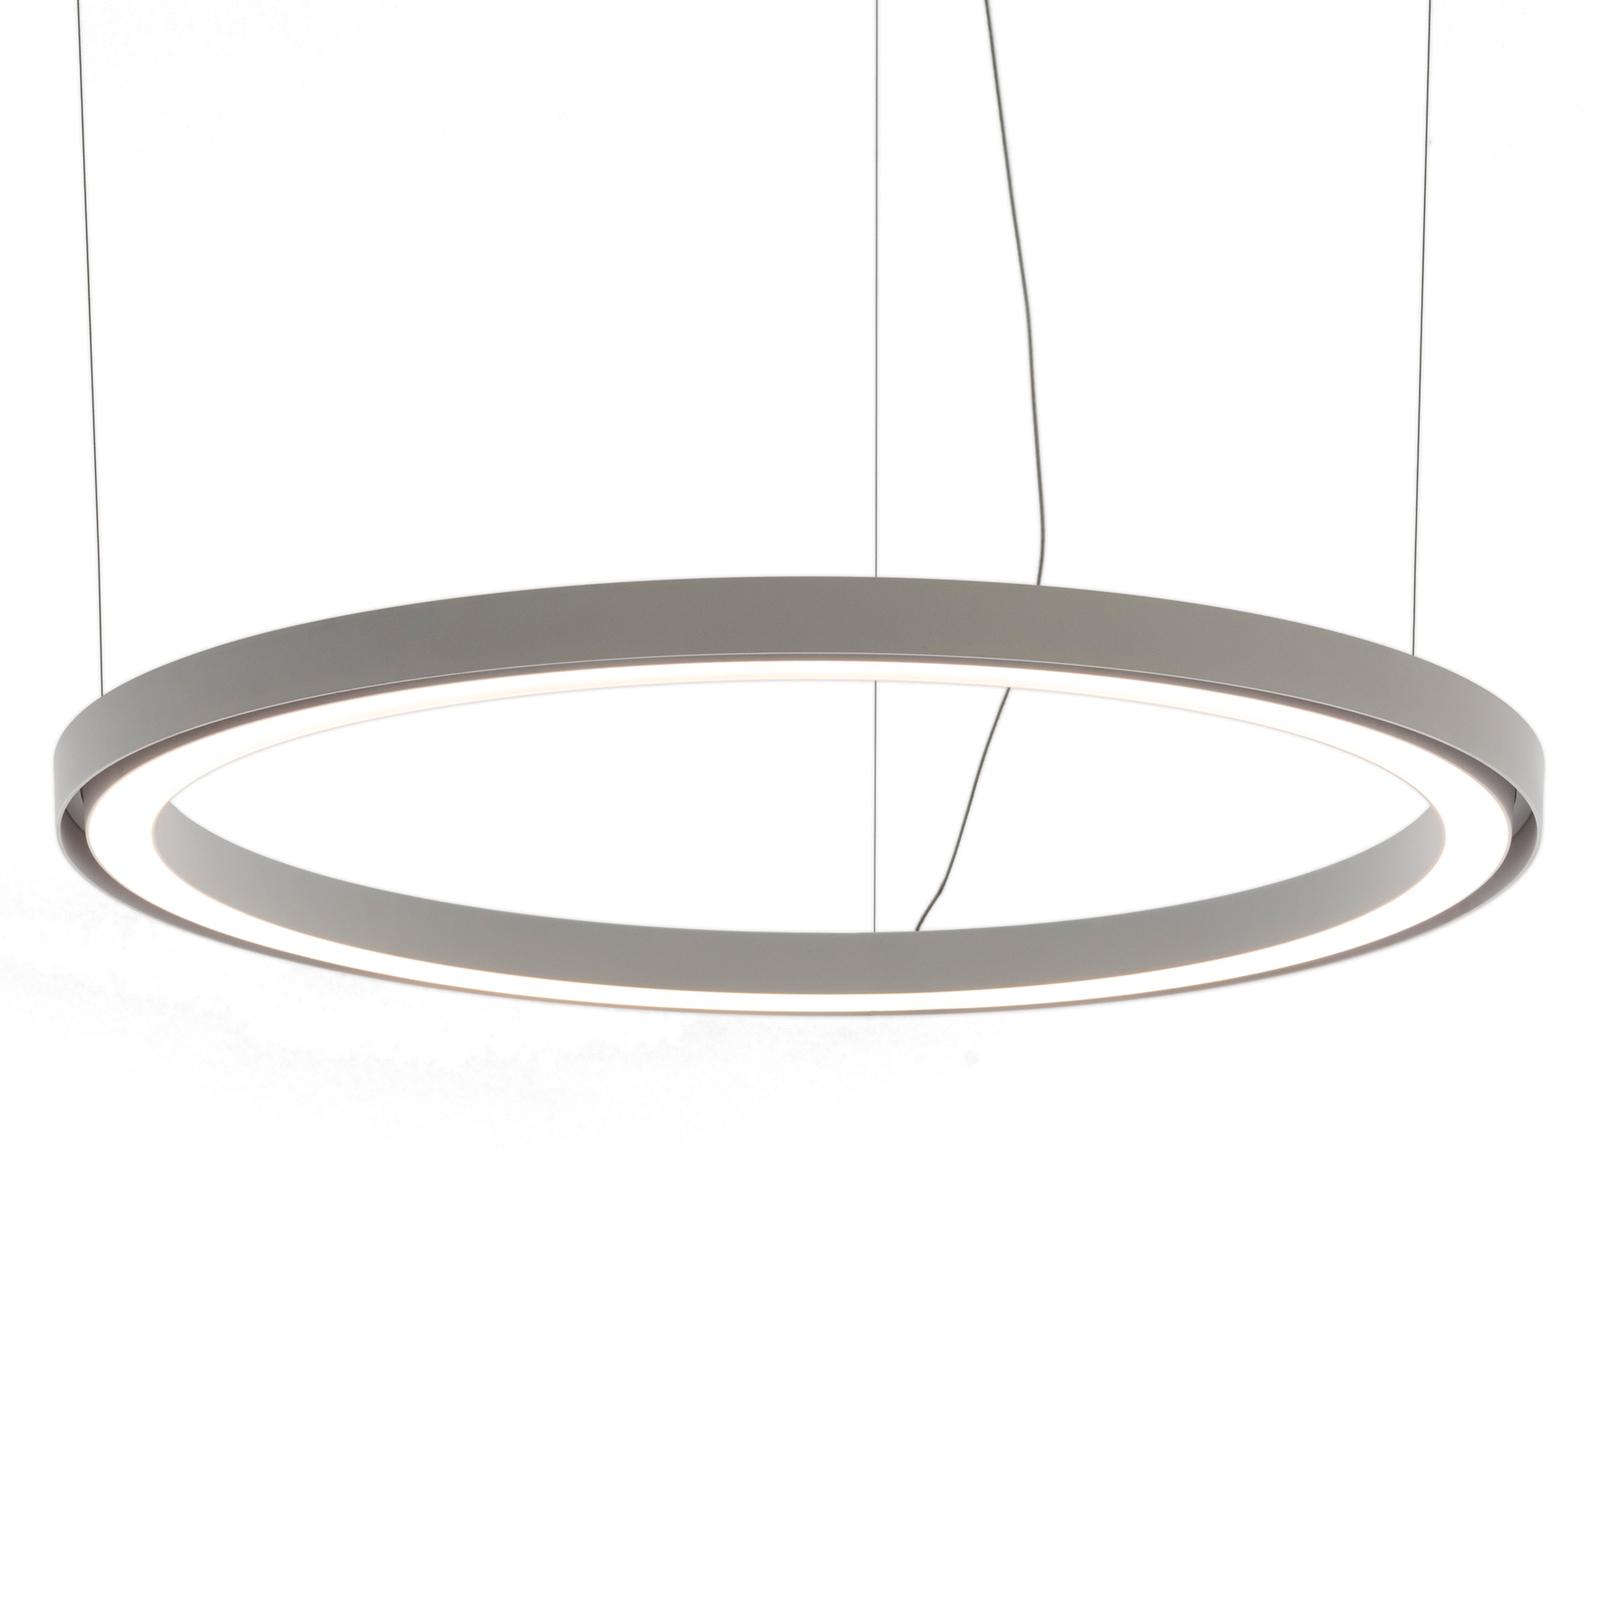 Artemide Ripple LED-Hängeleuchte weiß, Ø 90 cm